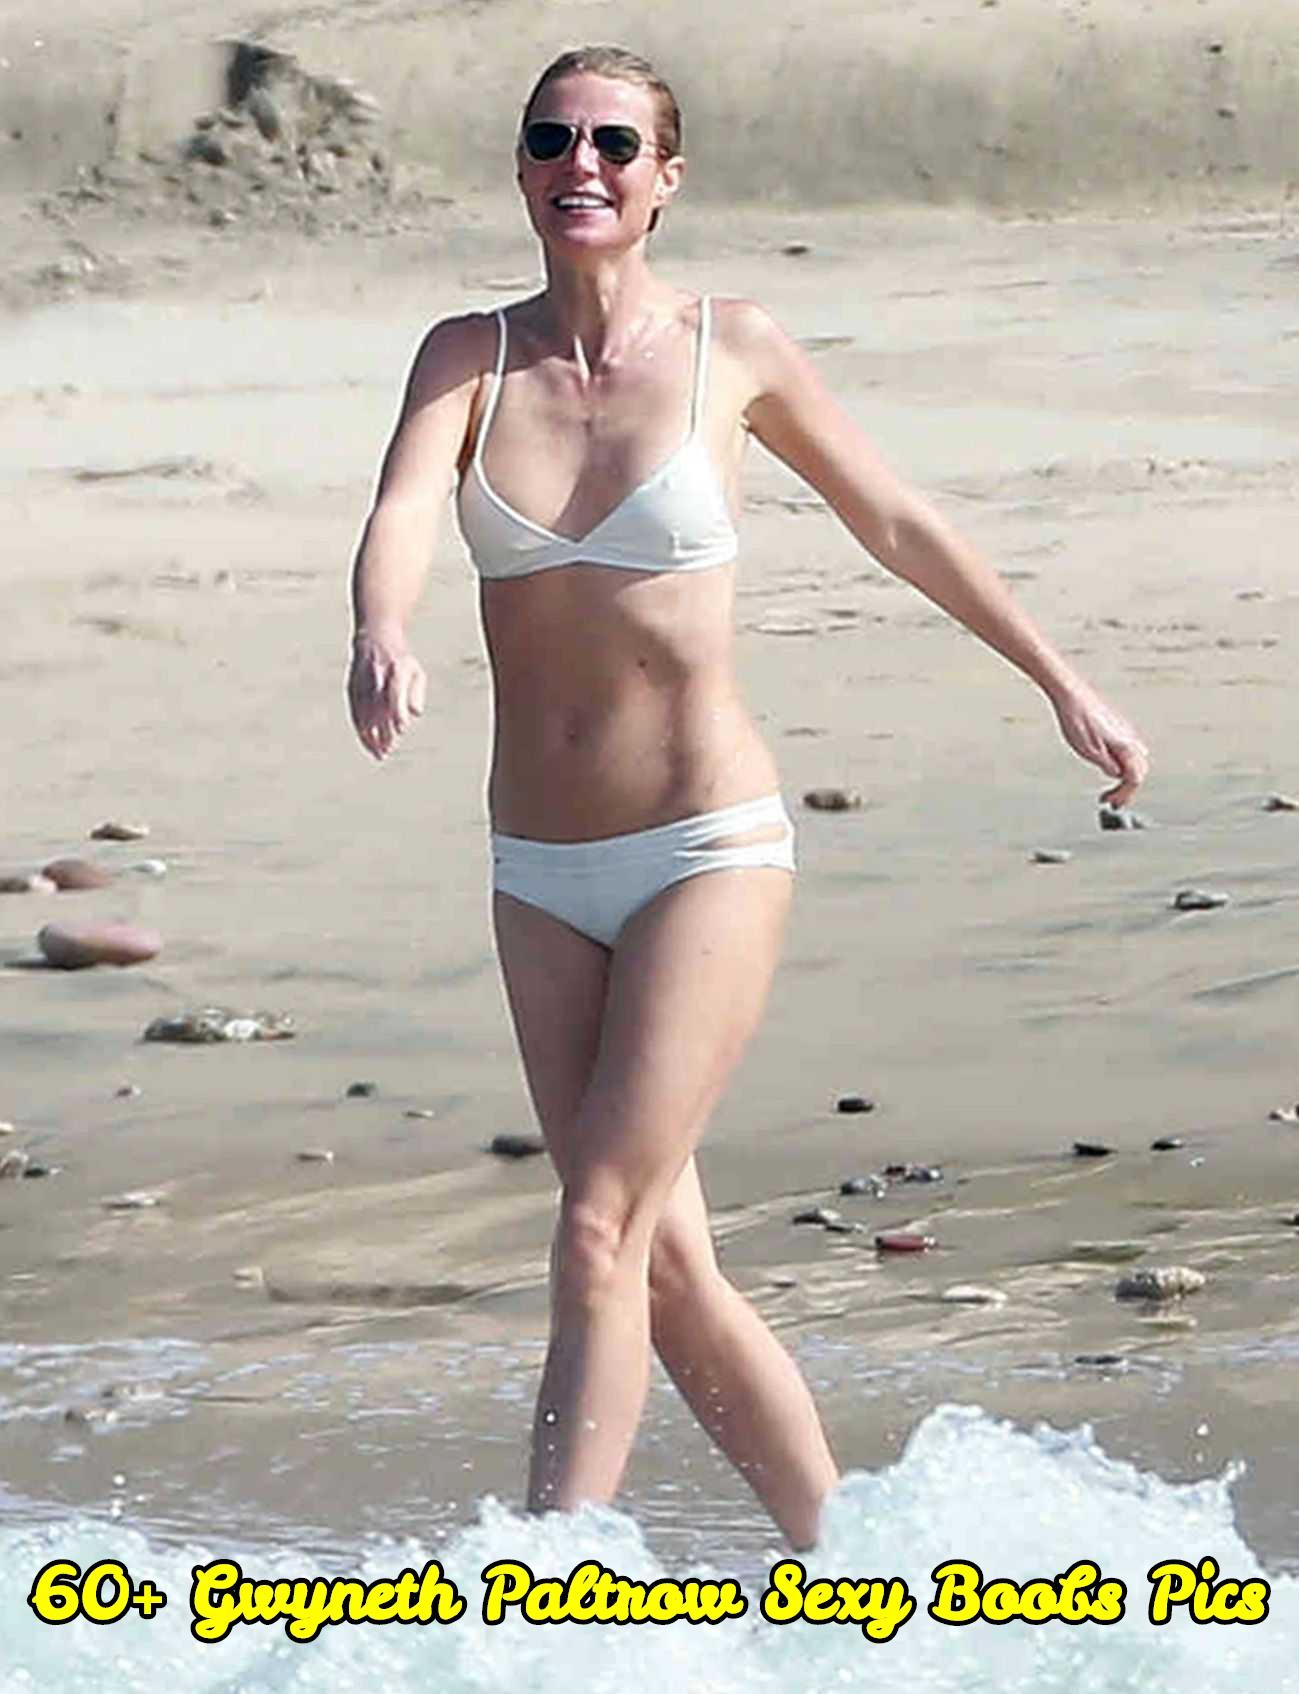 Gwyneth Paltrow sexy boobs pic